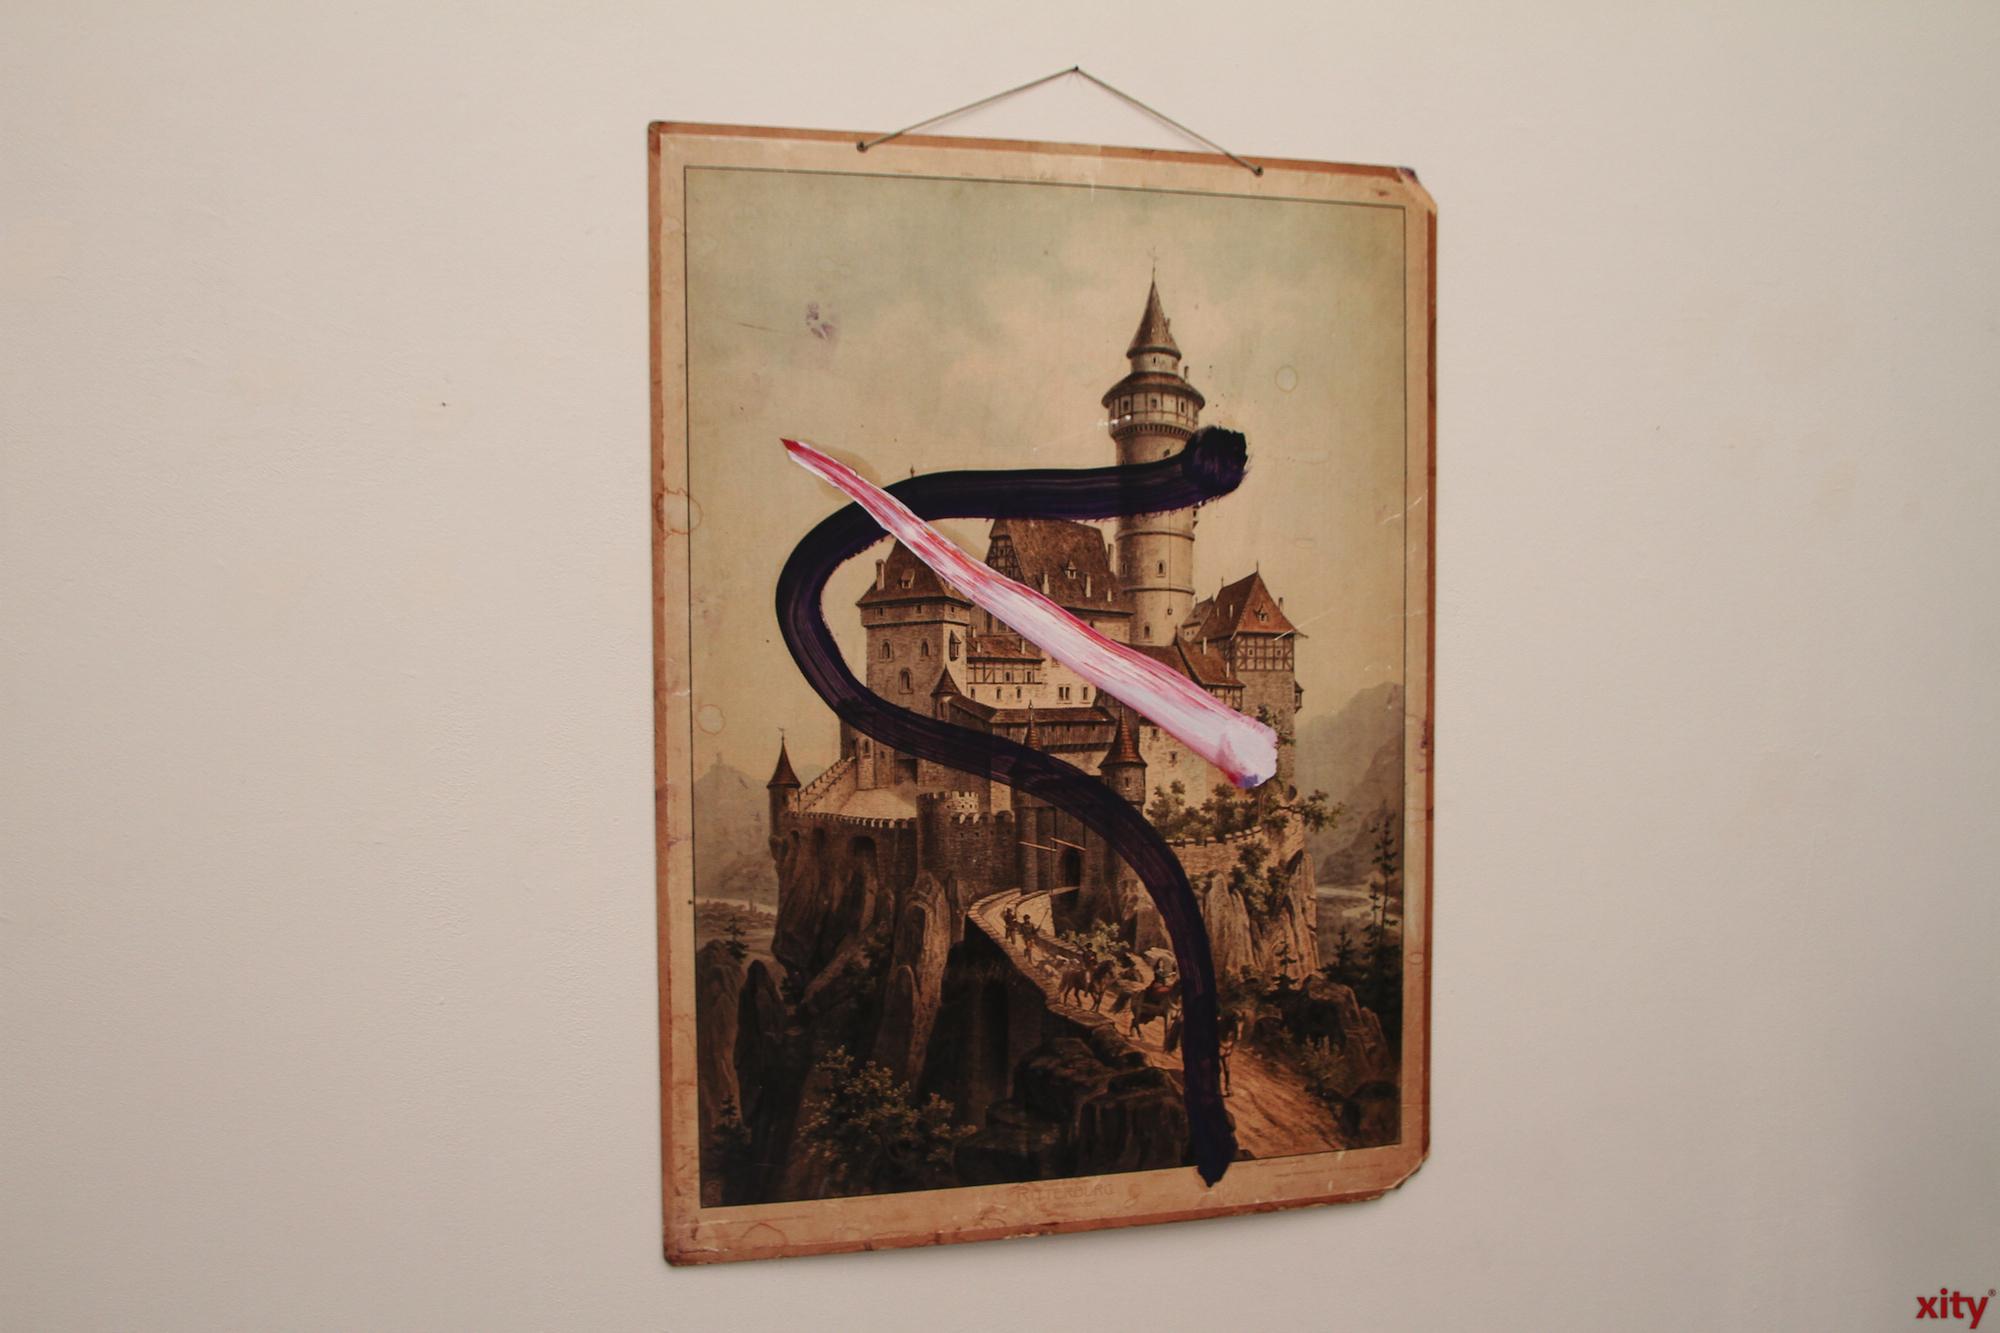 Die Werke werden exklusiv bei Geuer & Geuer gezeigt (Foto: xity)